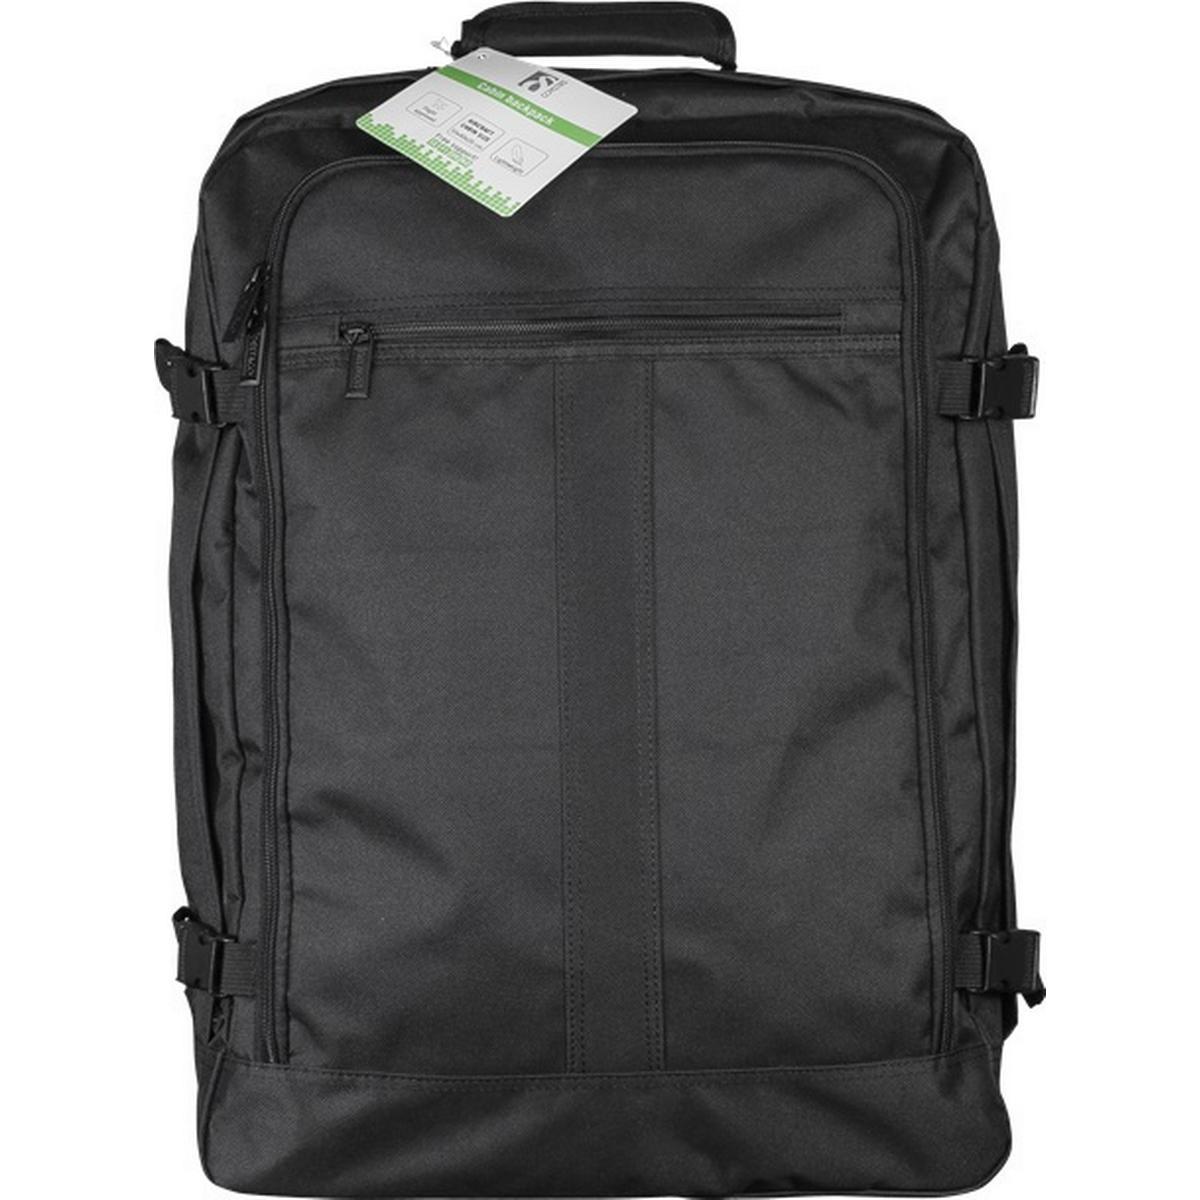 Väska flight • Hitta det lägsta priset hos PriceRunner nu »